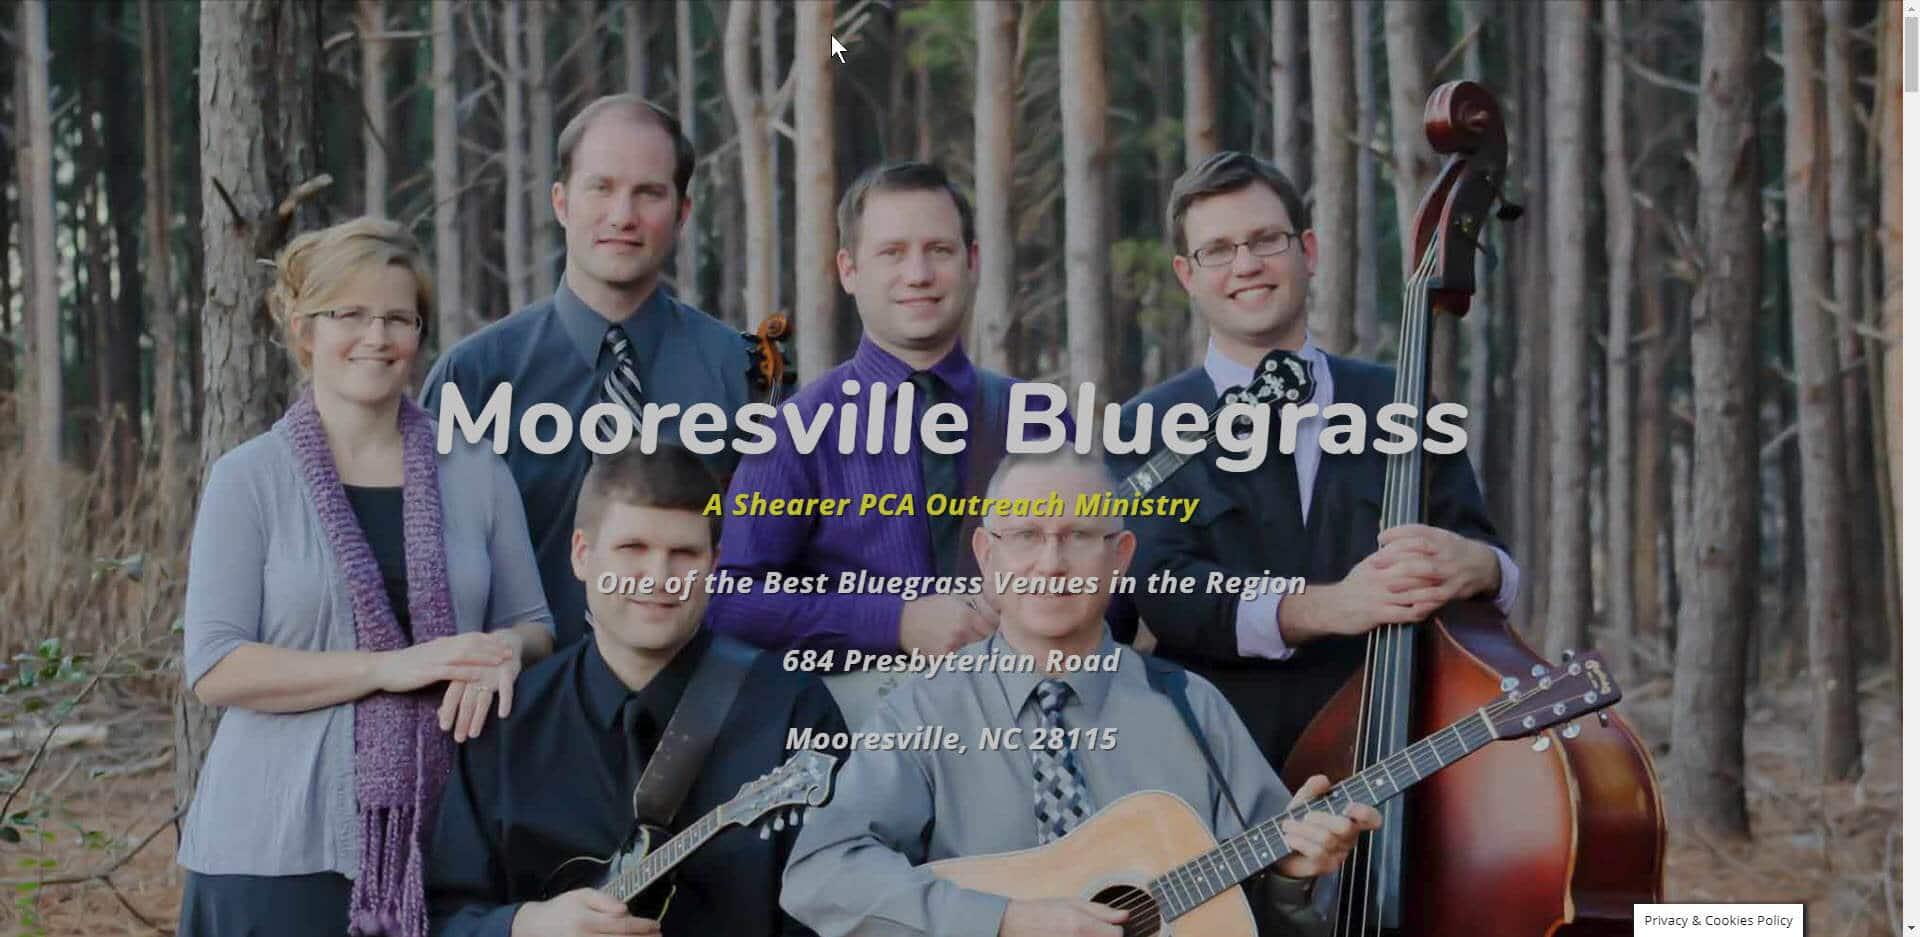 Mooresville Bluegrass